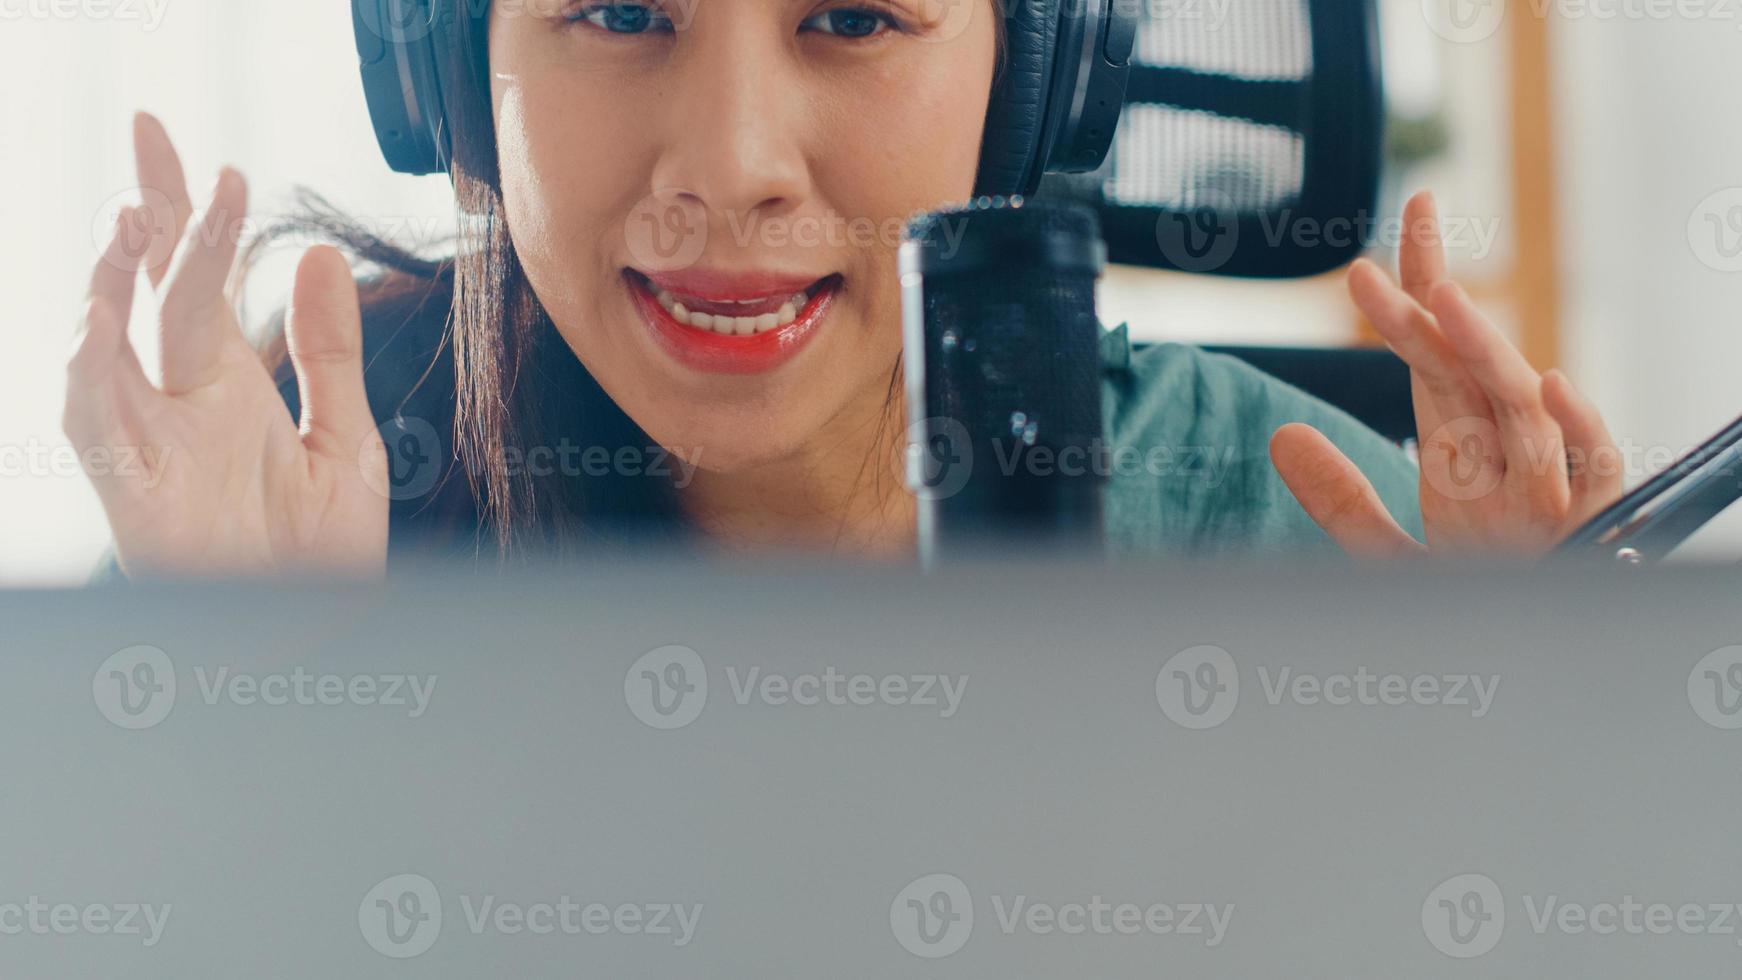 gelukkig aziatisch meisje neemt een podcast op haar laptopcomputer op met koptelefoon en microfoon praat met publiek in haar kamer. vrouwelijke podcaster maakt audiopodcast vanuit haar thuisstudio, verblijf in huisconcept. foto